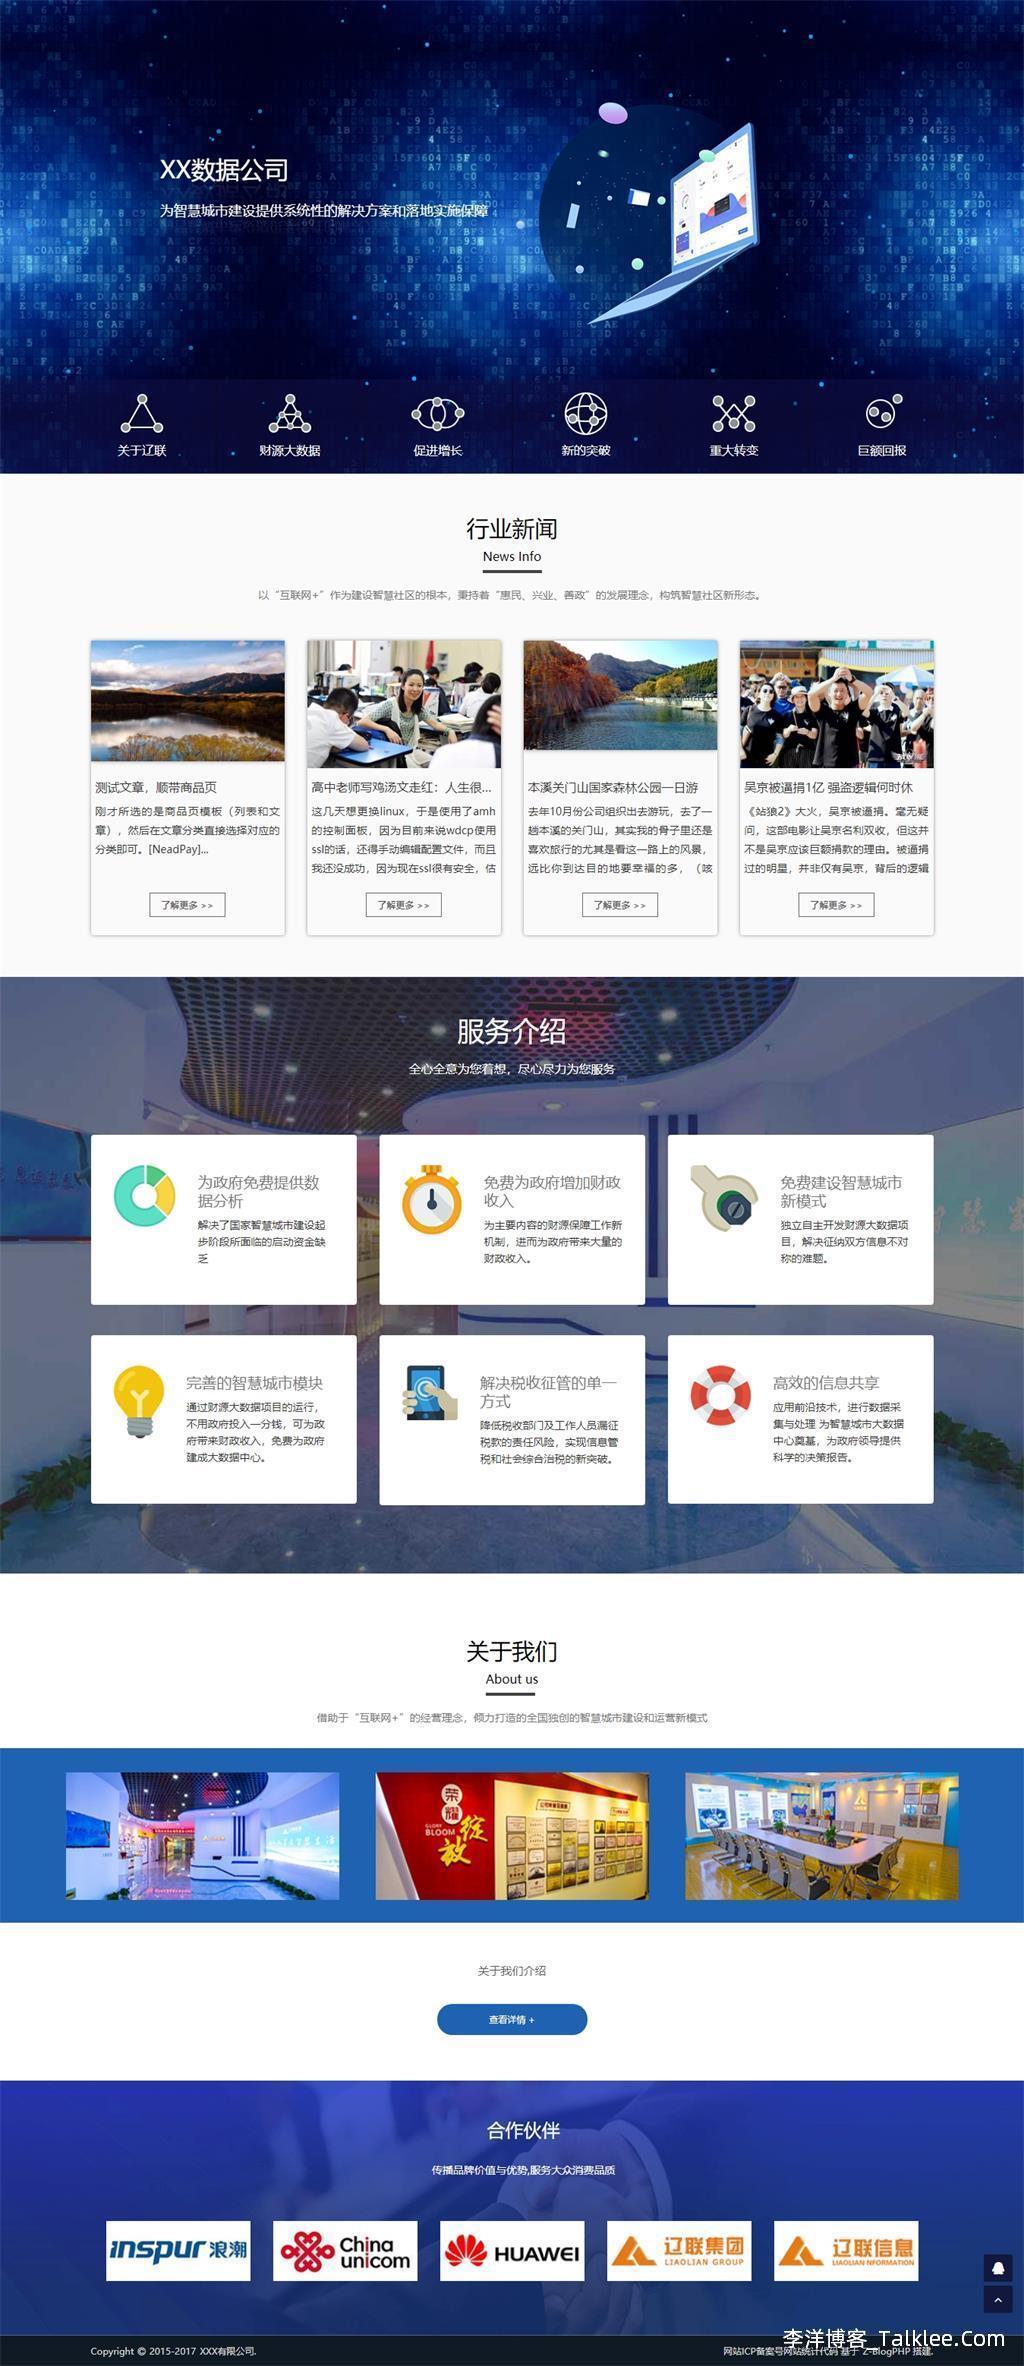 网站SEO标题 - 填写网站SEO的副标题.jpg